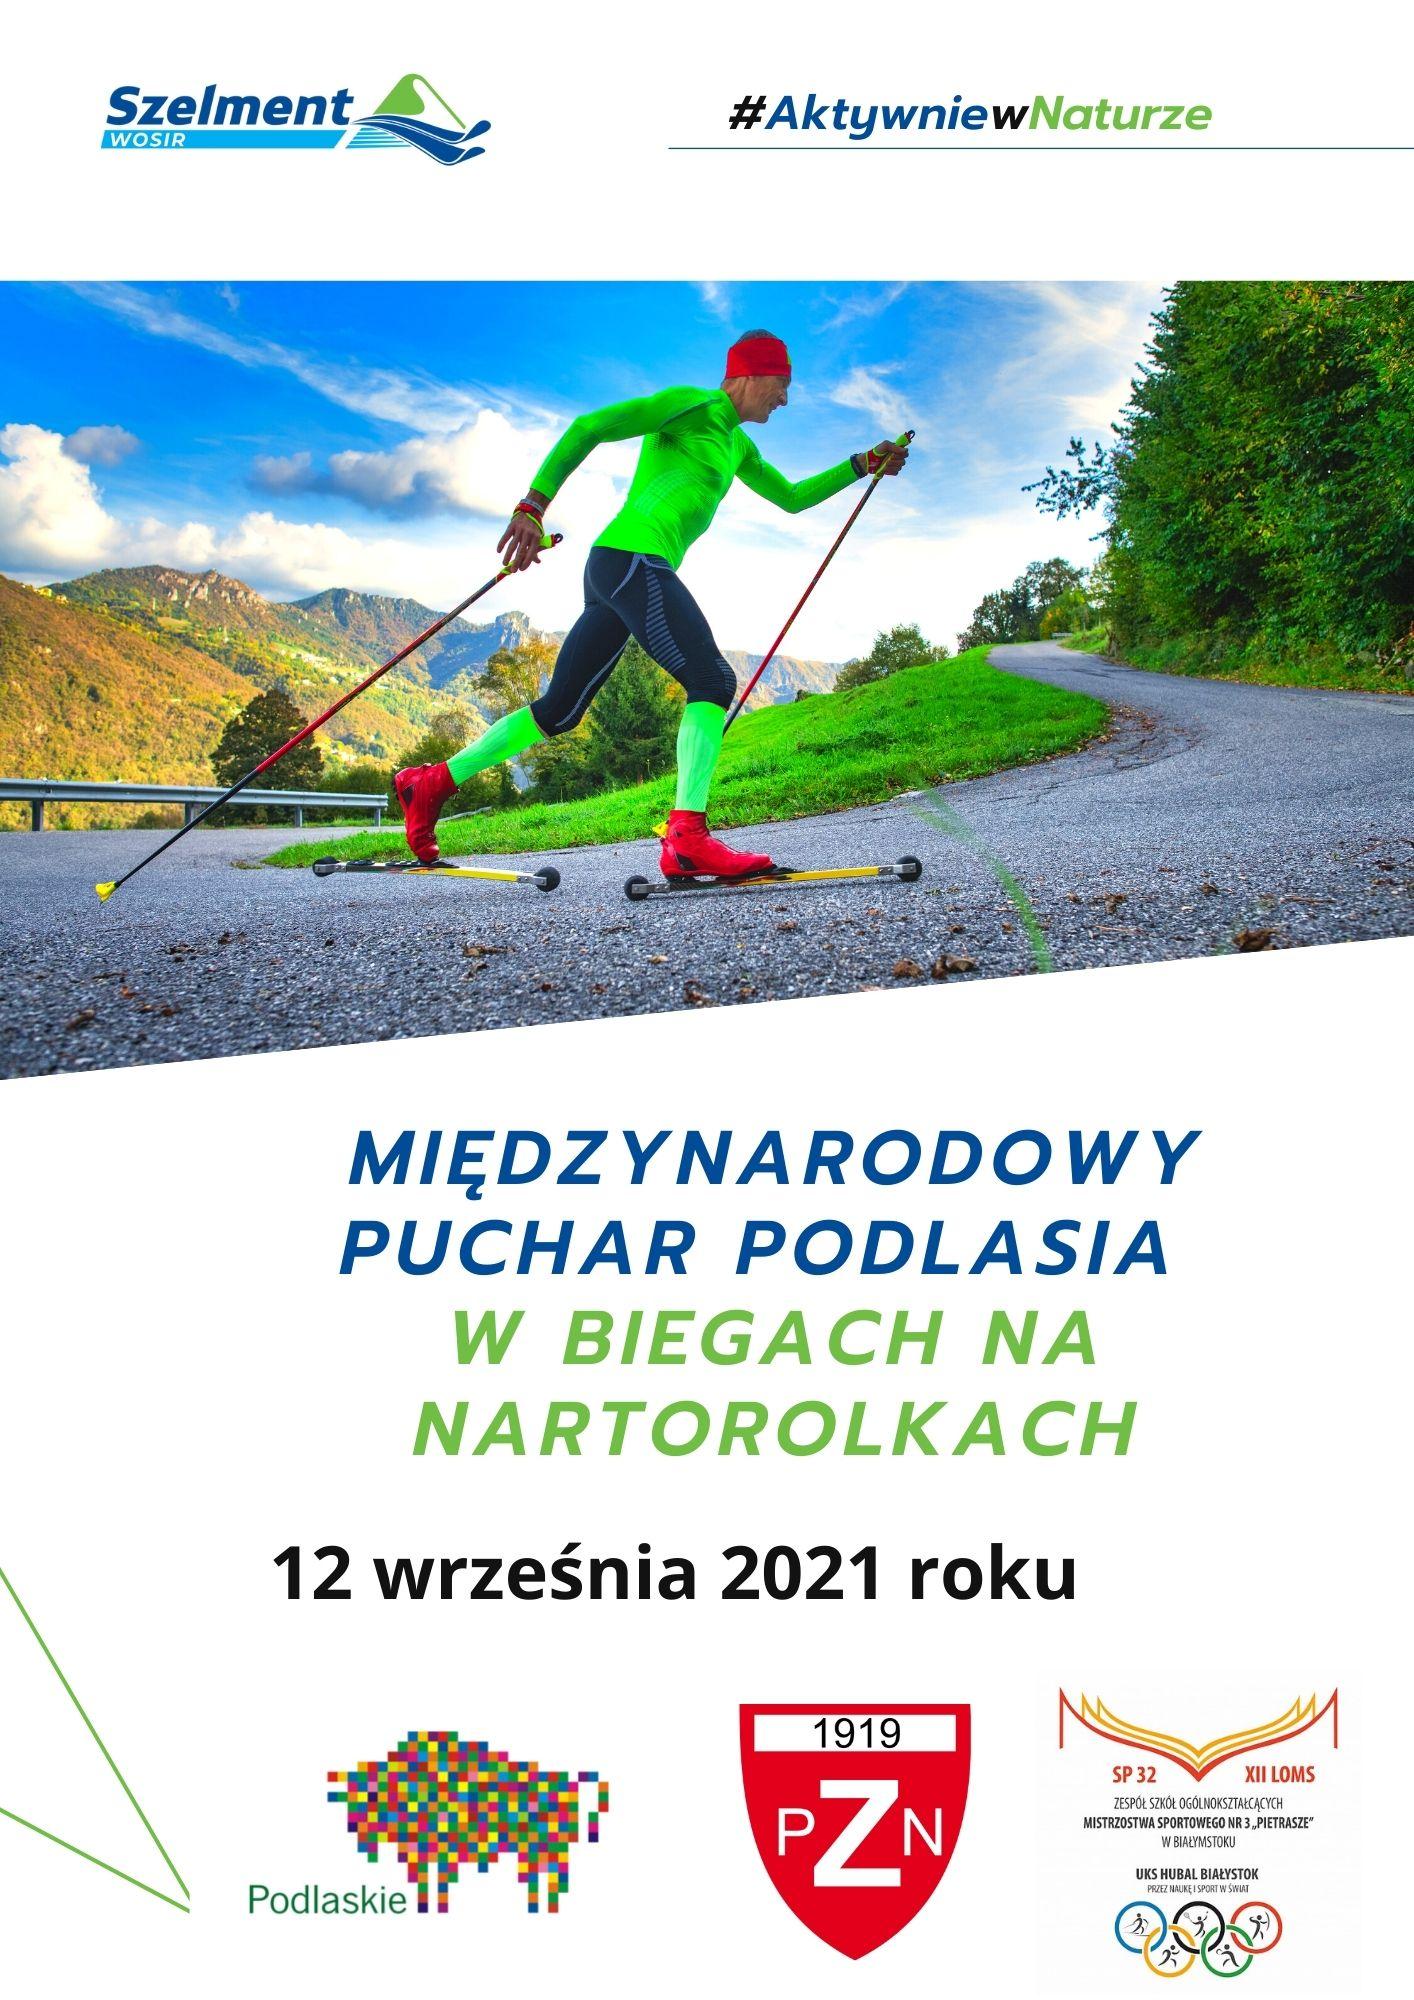 II Międzynarodowy Puchar Podlasia w biegach na nartorolkach.